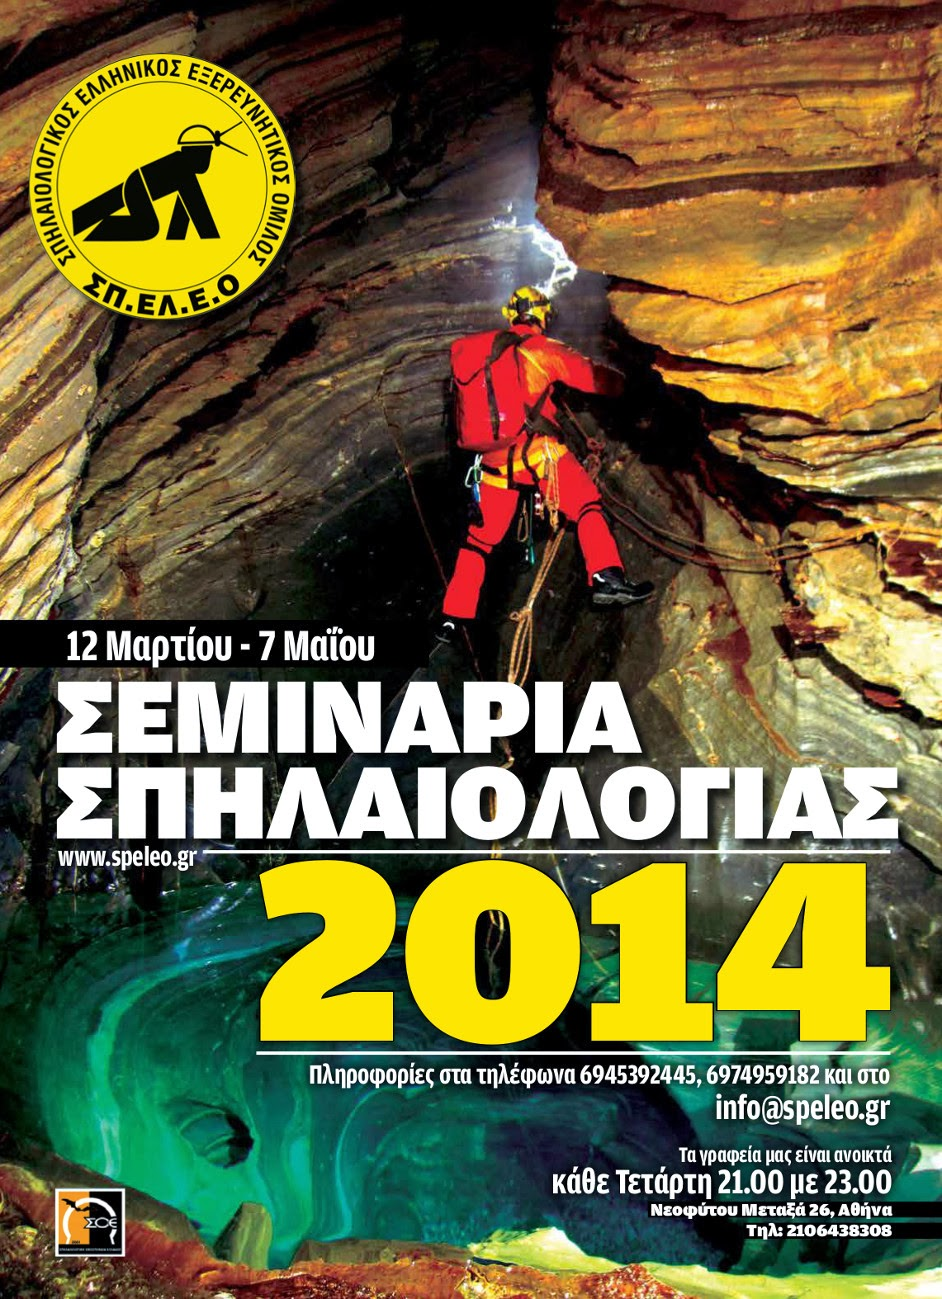 Σεμινάρια Σπηλαιολογίας ΣΠ.ΕΛ.Ε.Ο. 2014